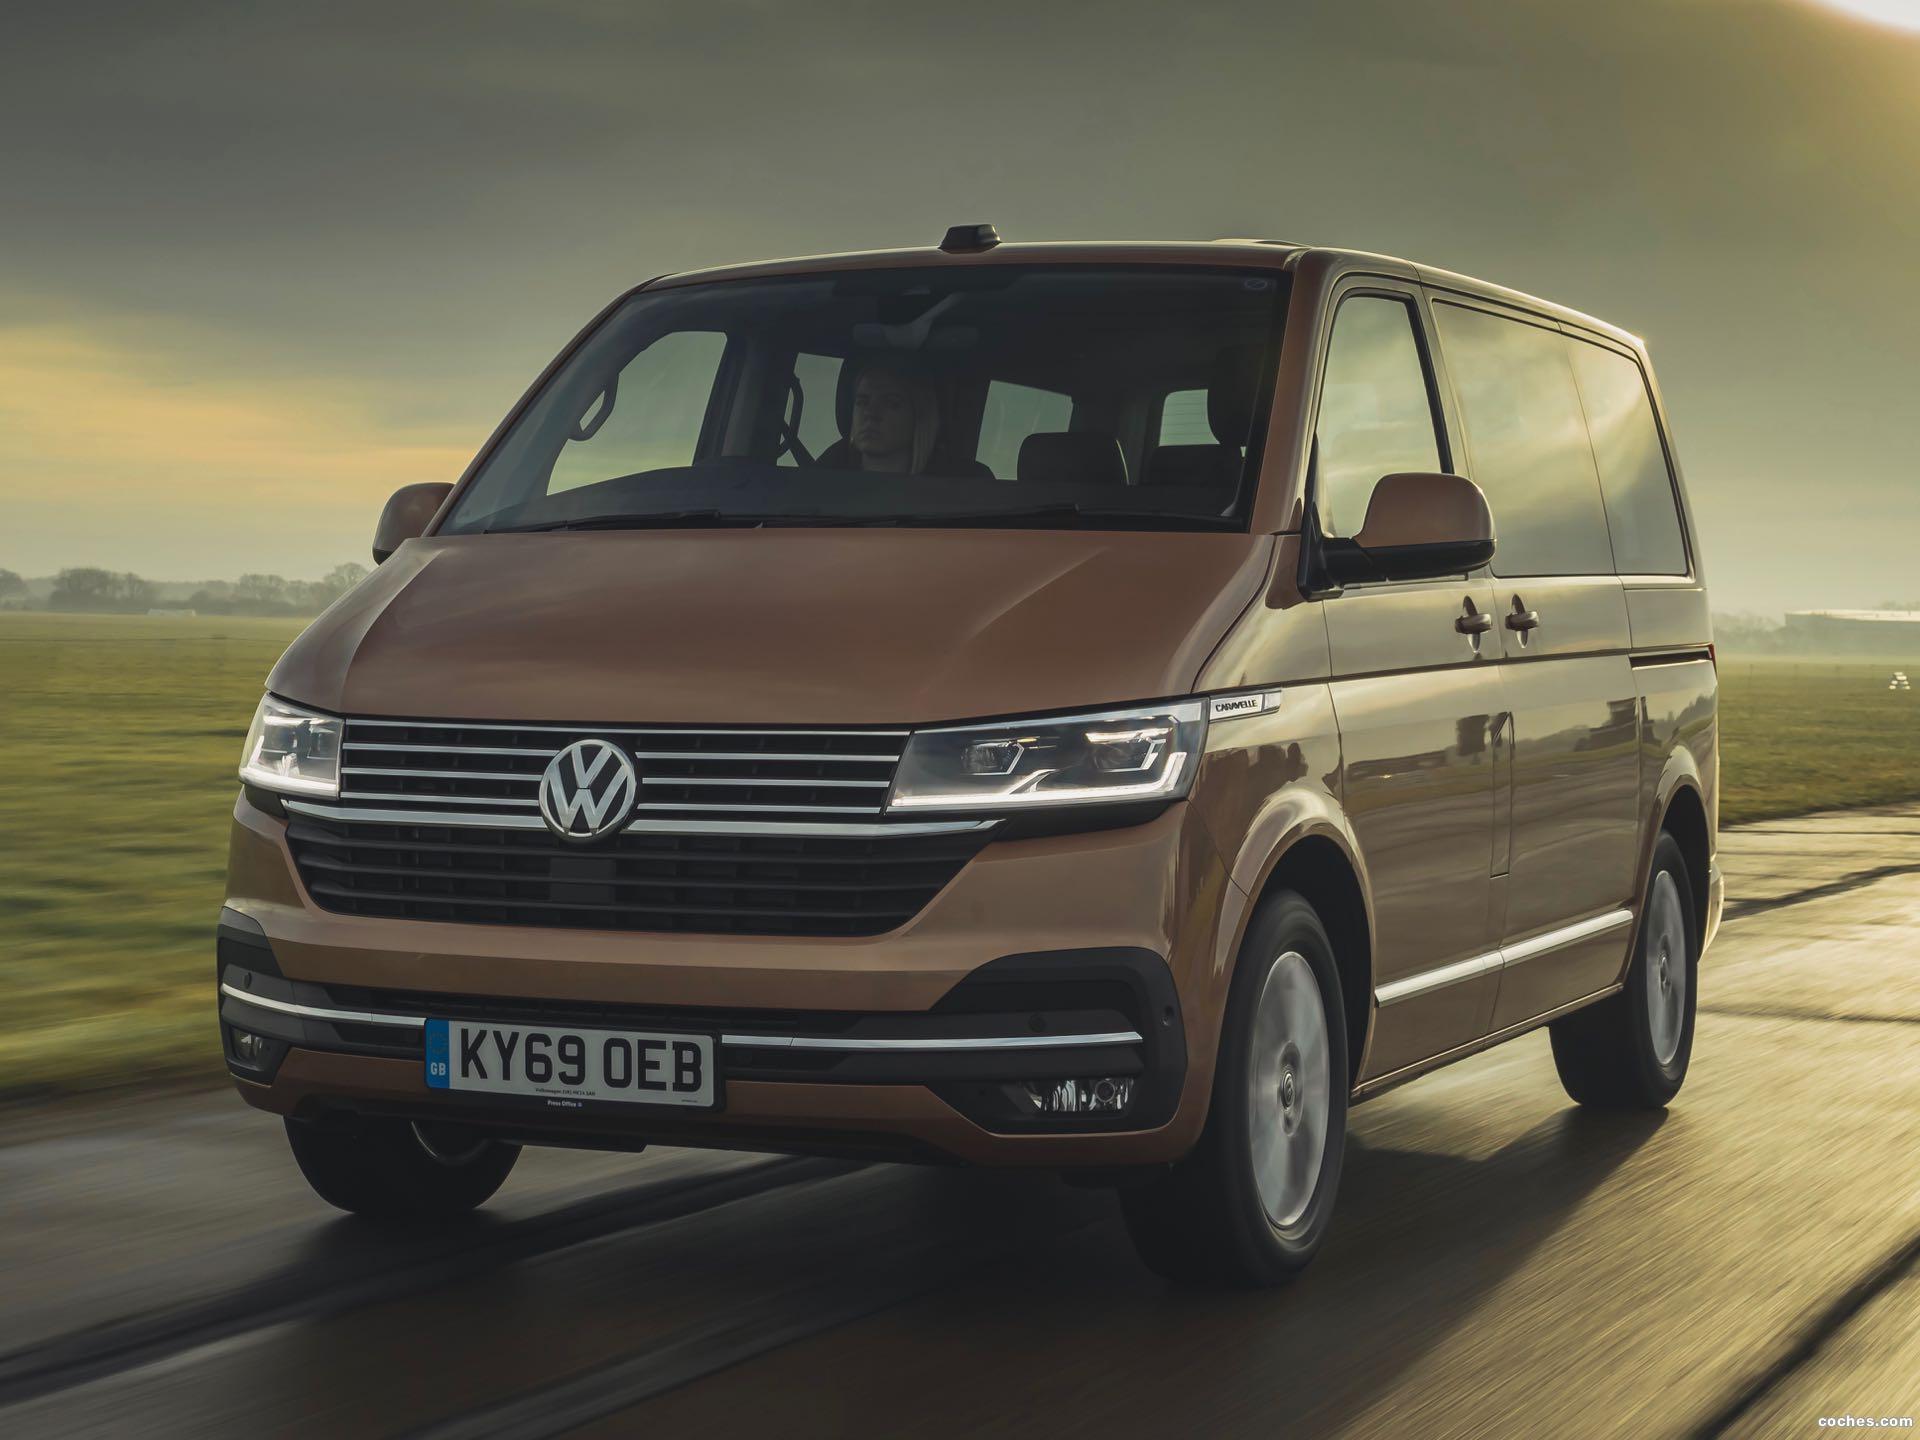 Foto 0 de Volkswagen Caravelle UK T6.1 2020